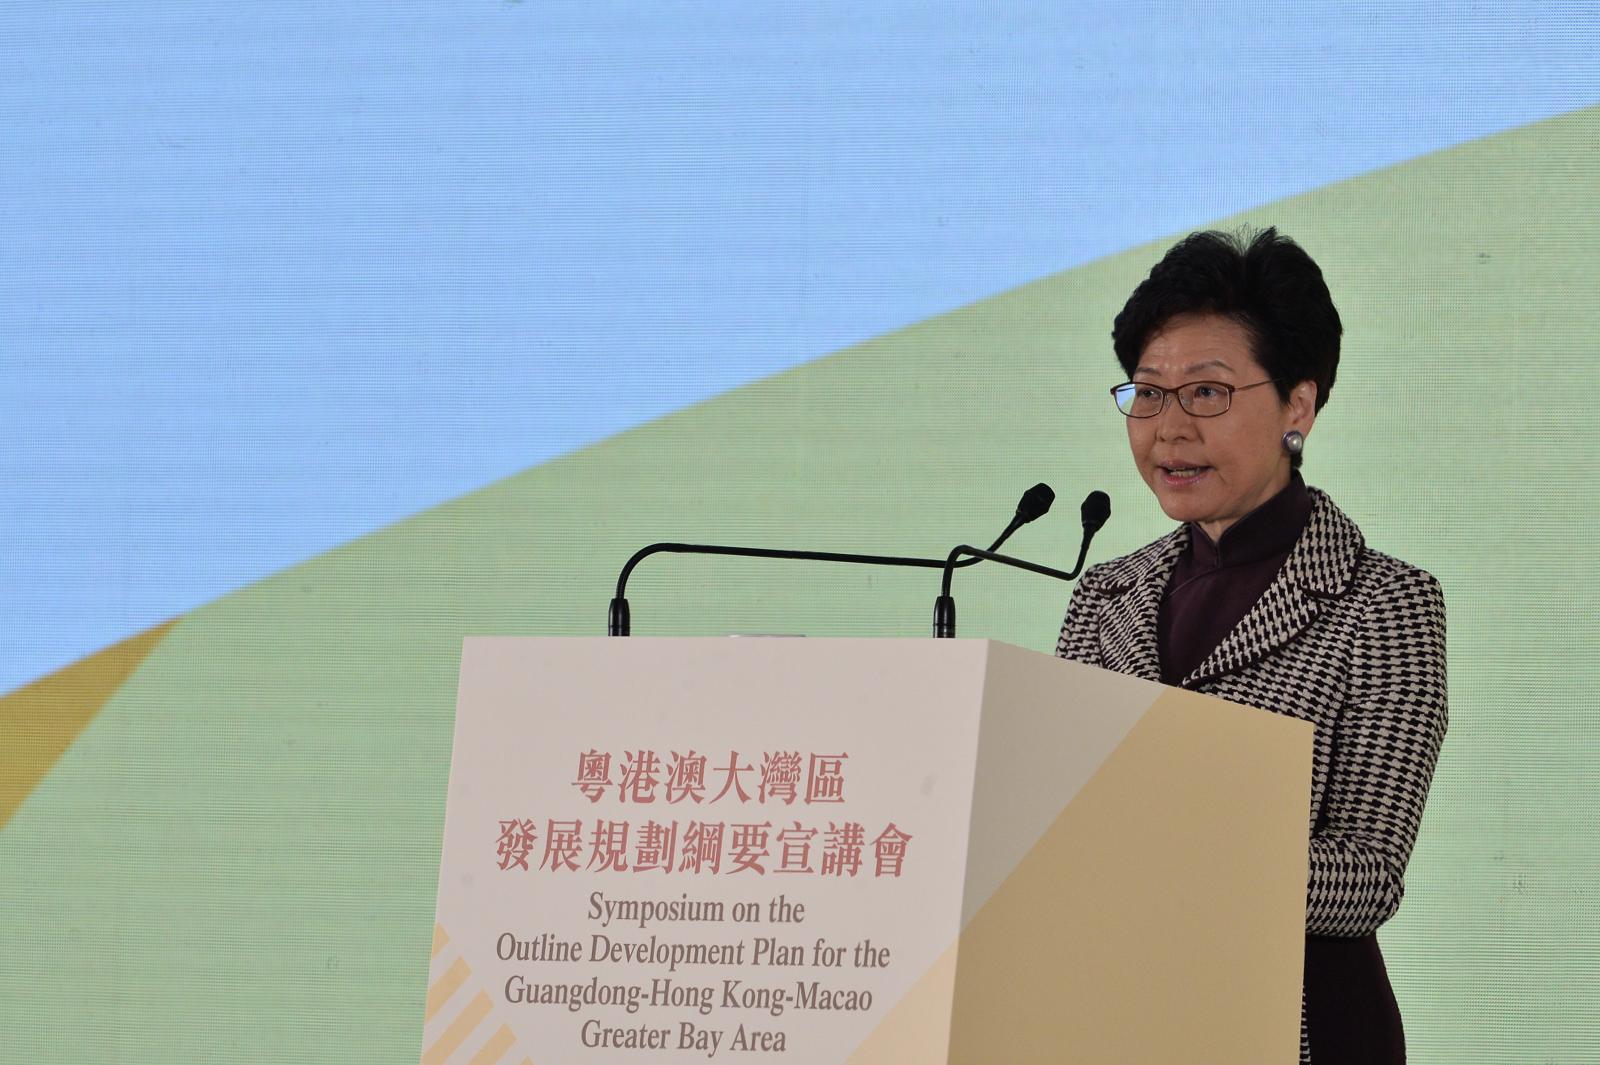 林鄭月娥致辭時表示香港在建設大灣區的角色,要由聯繫人轉為更積極的參與者。